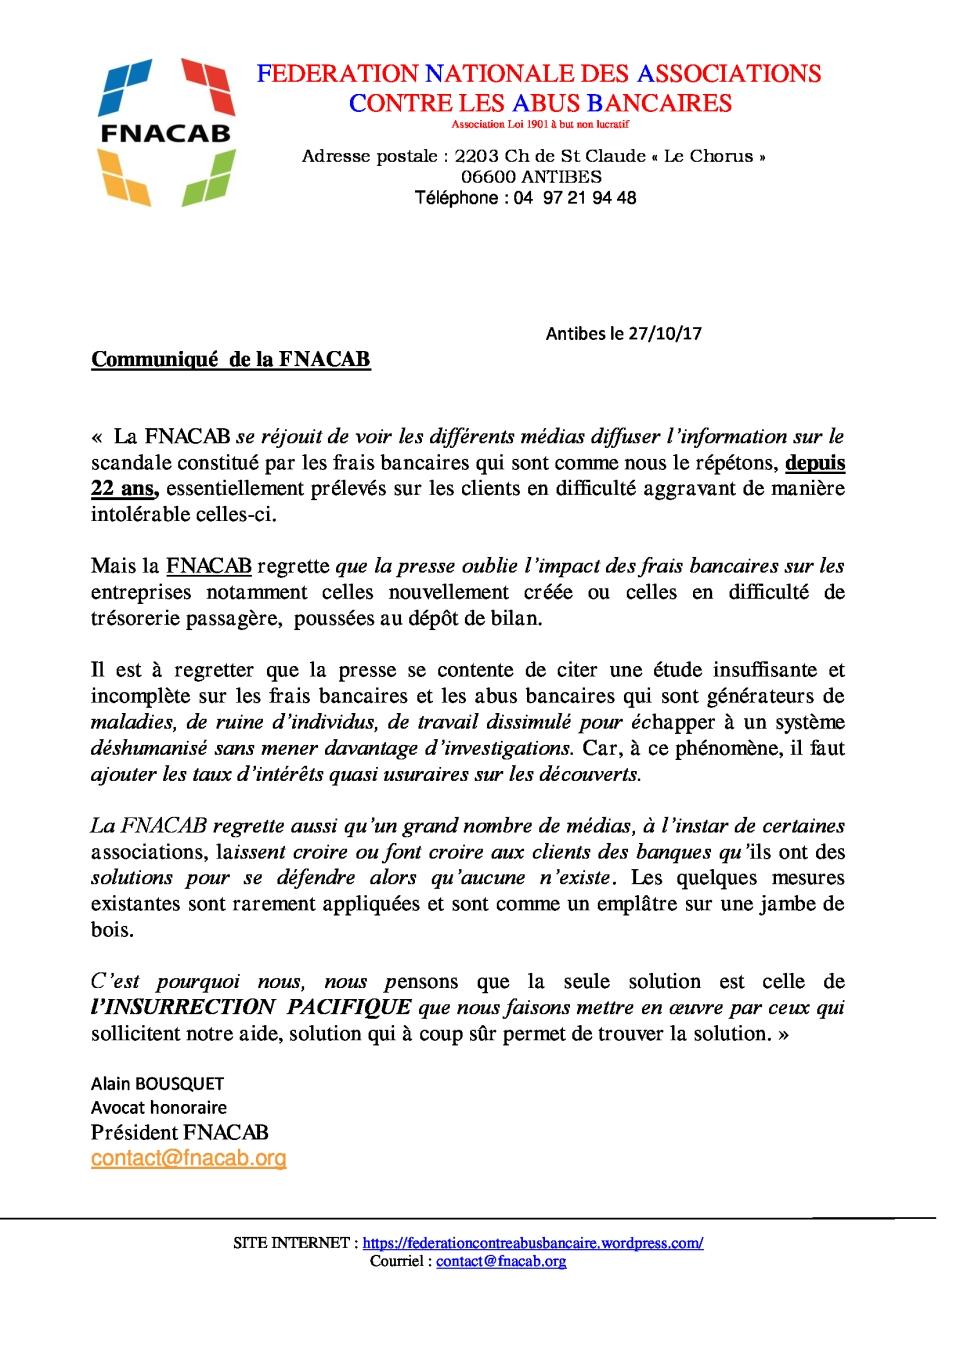 Entête-FNACAB-communiqué-2